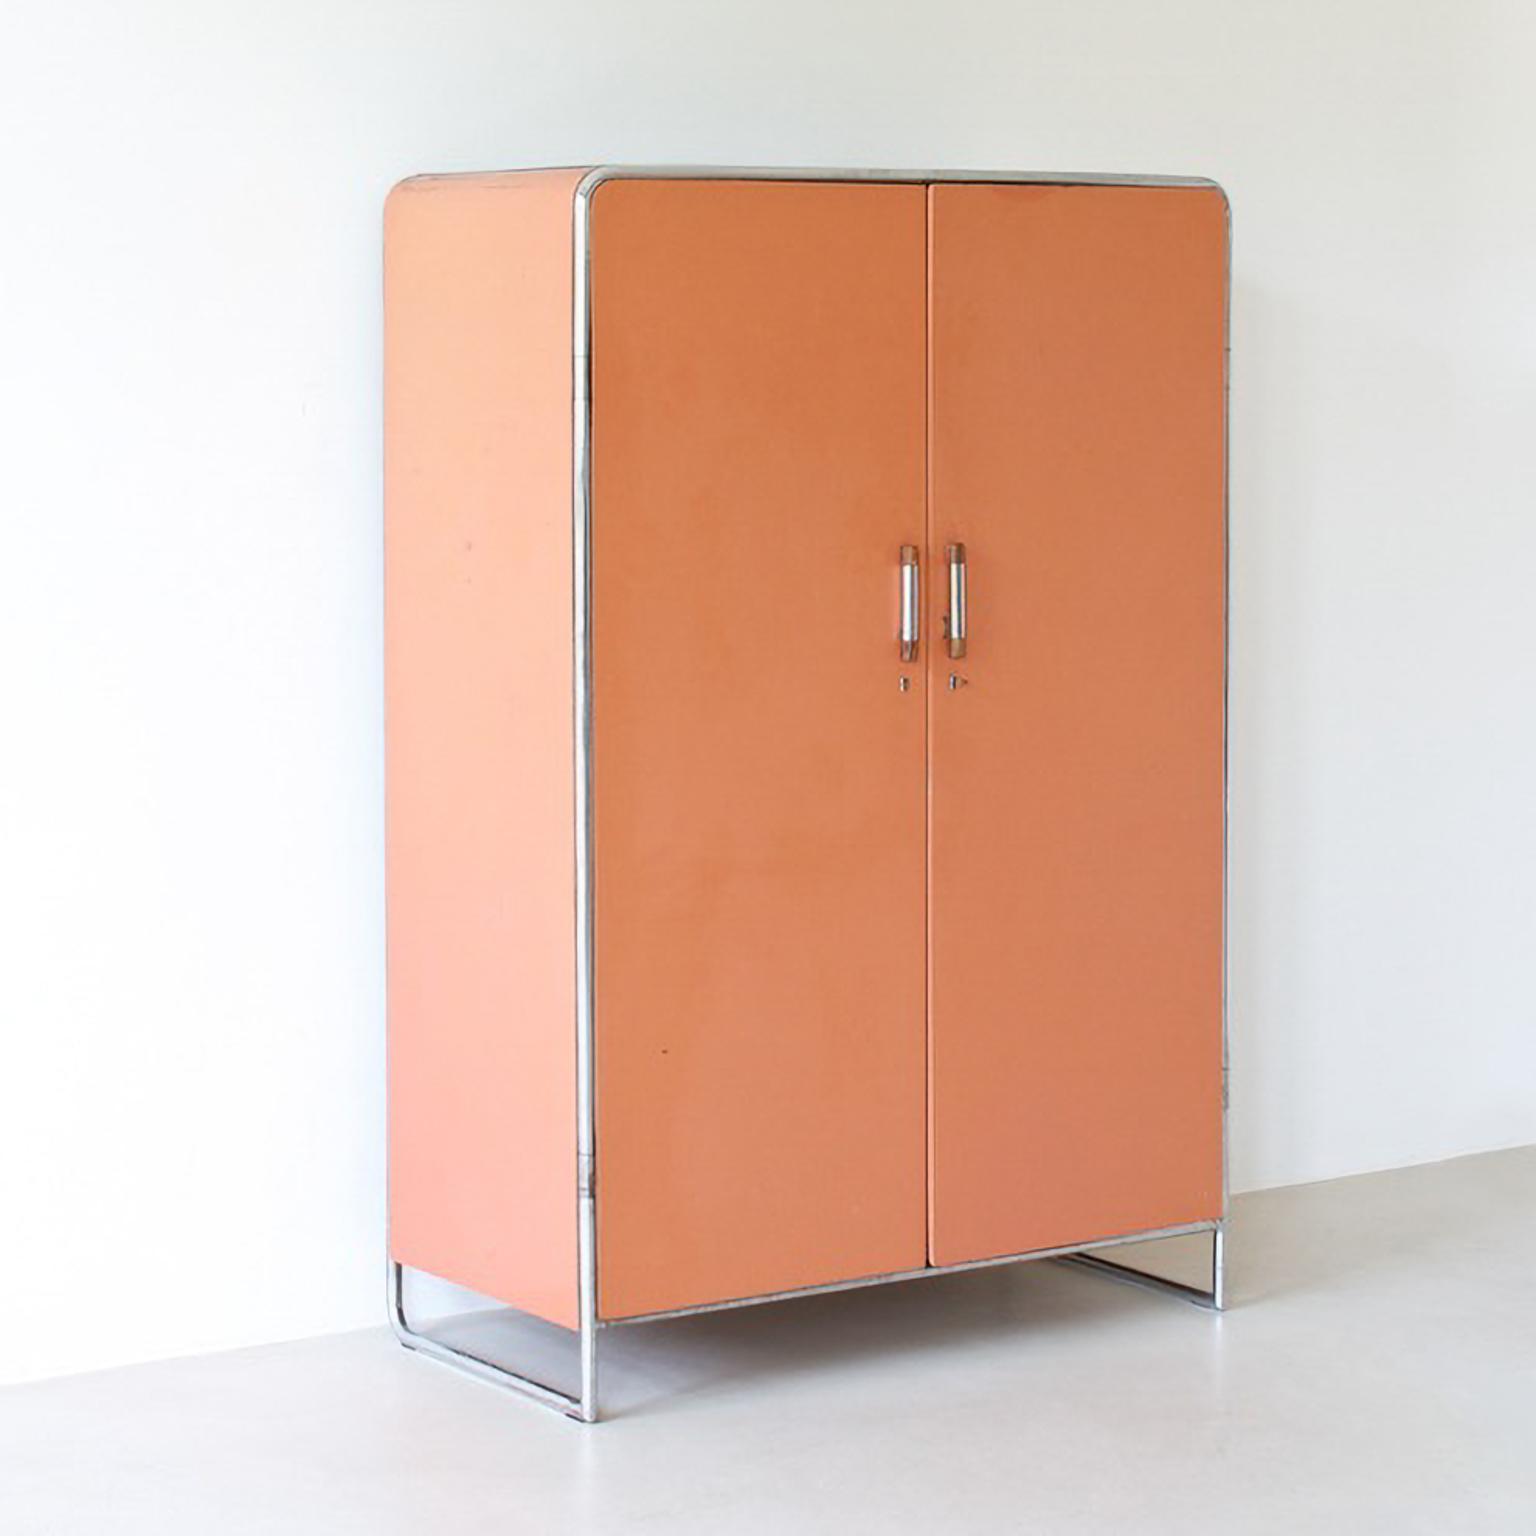 Kleiderschrank modern  MODERN XX/ Bauhaus - Stahlrohr Kleiderschrank/ Tubular steel wardrobe